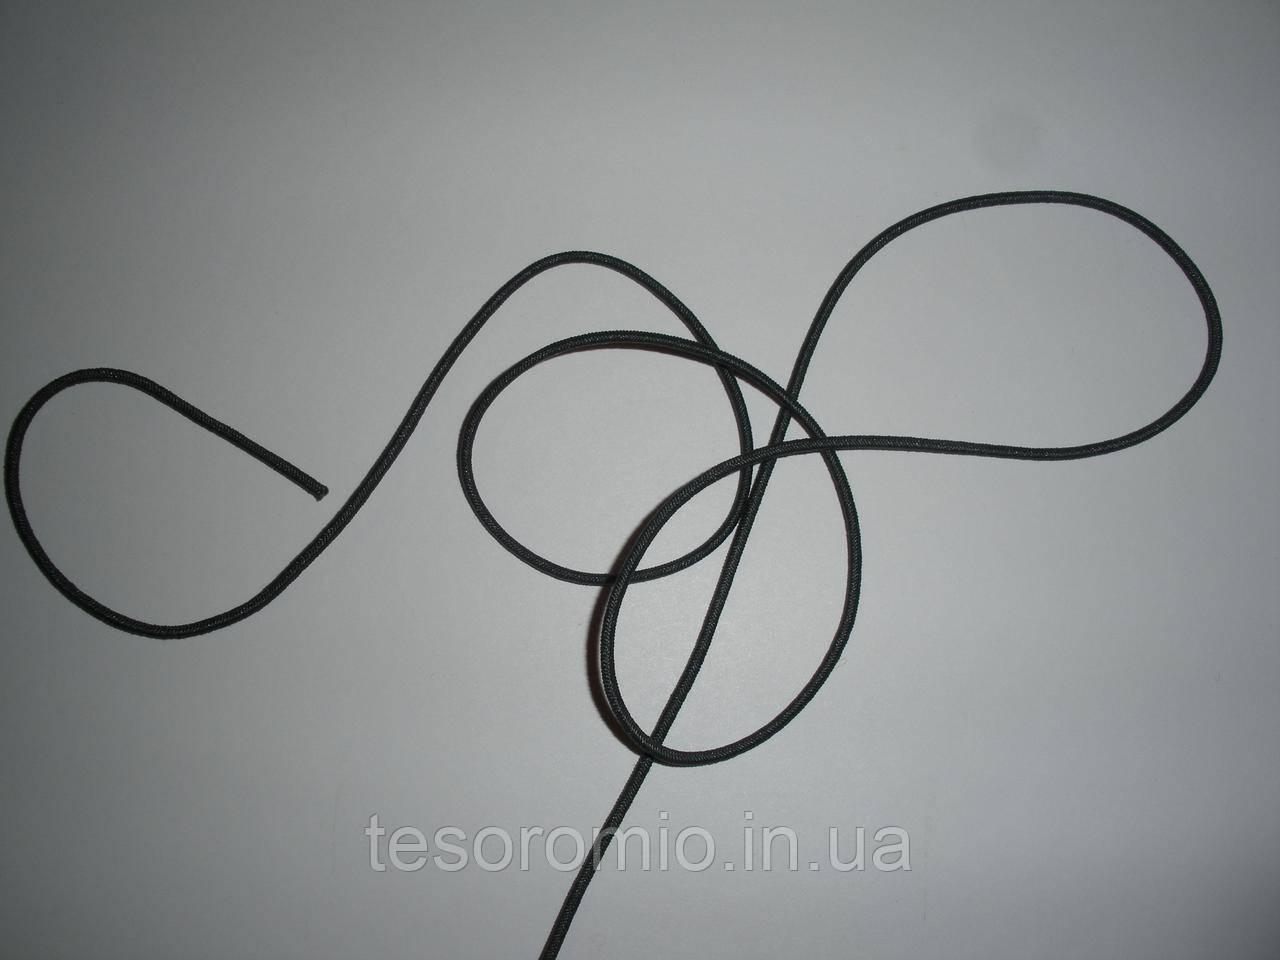 Шляпная резинка (круглая) 2мм темно серая